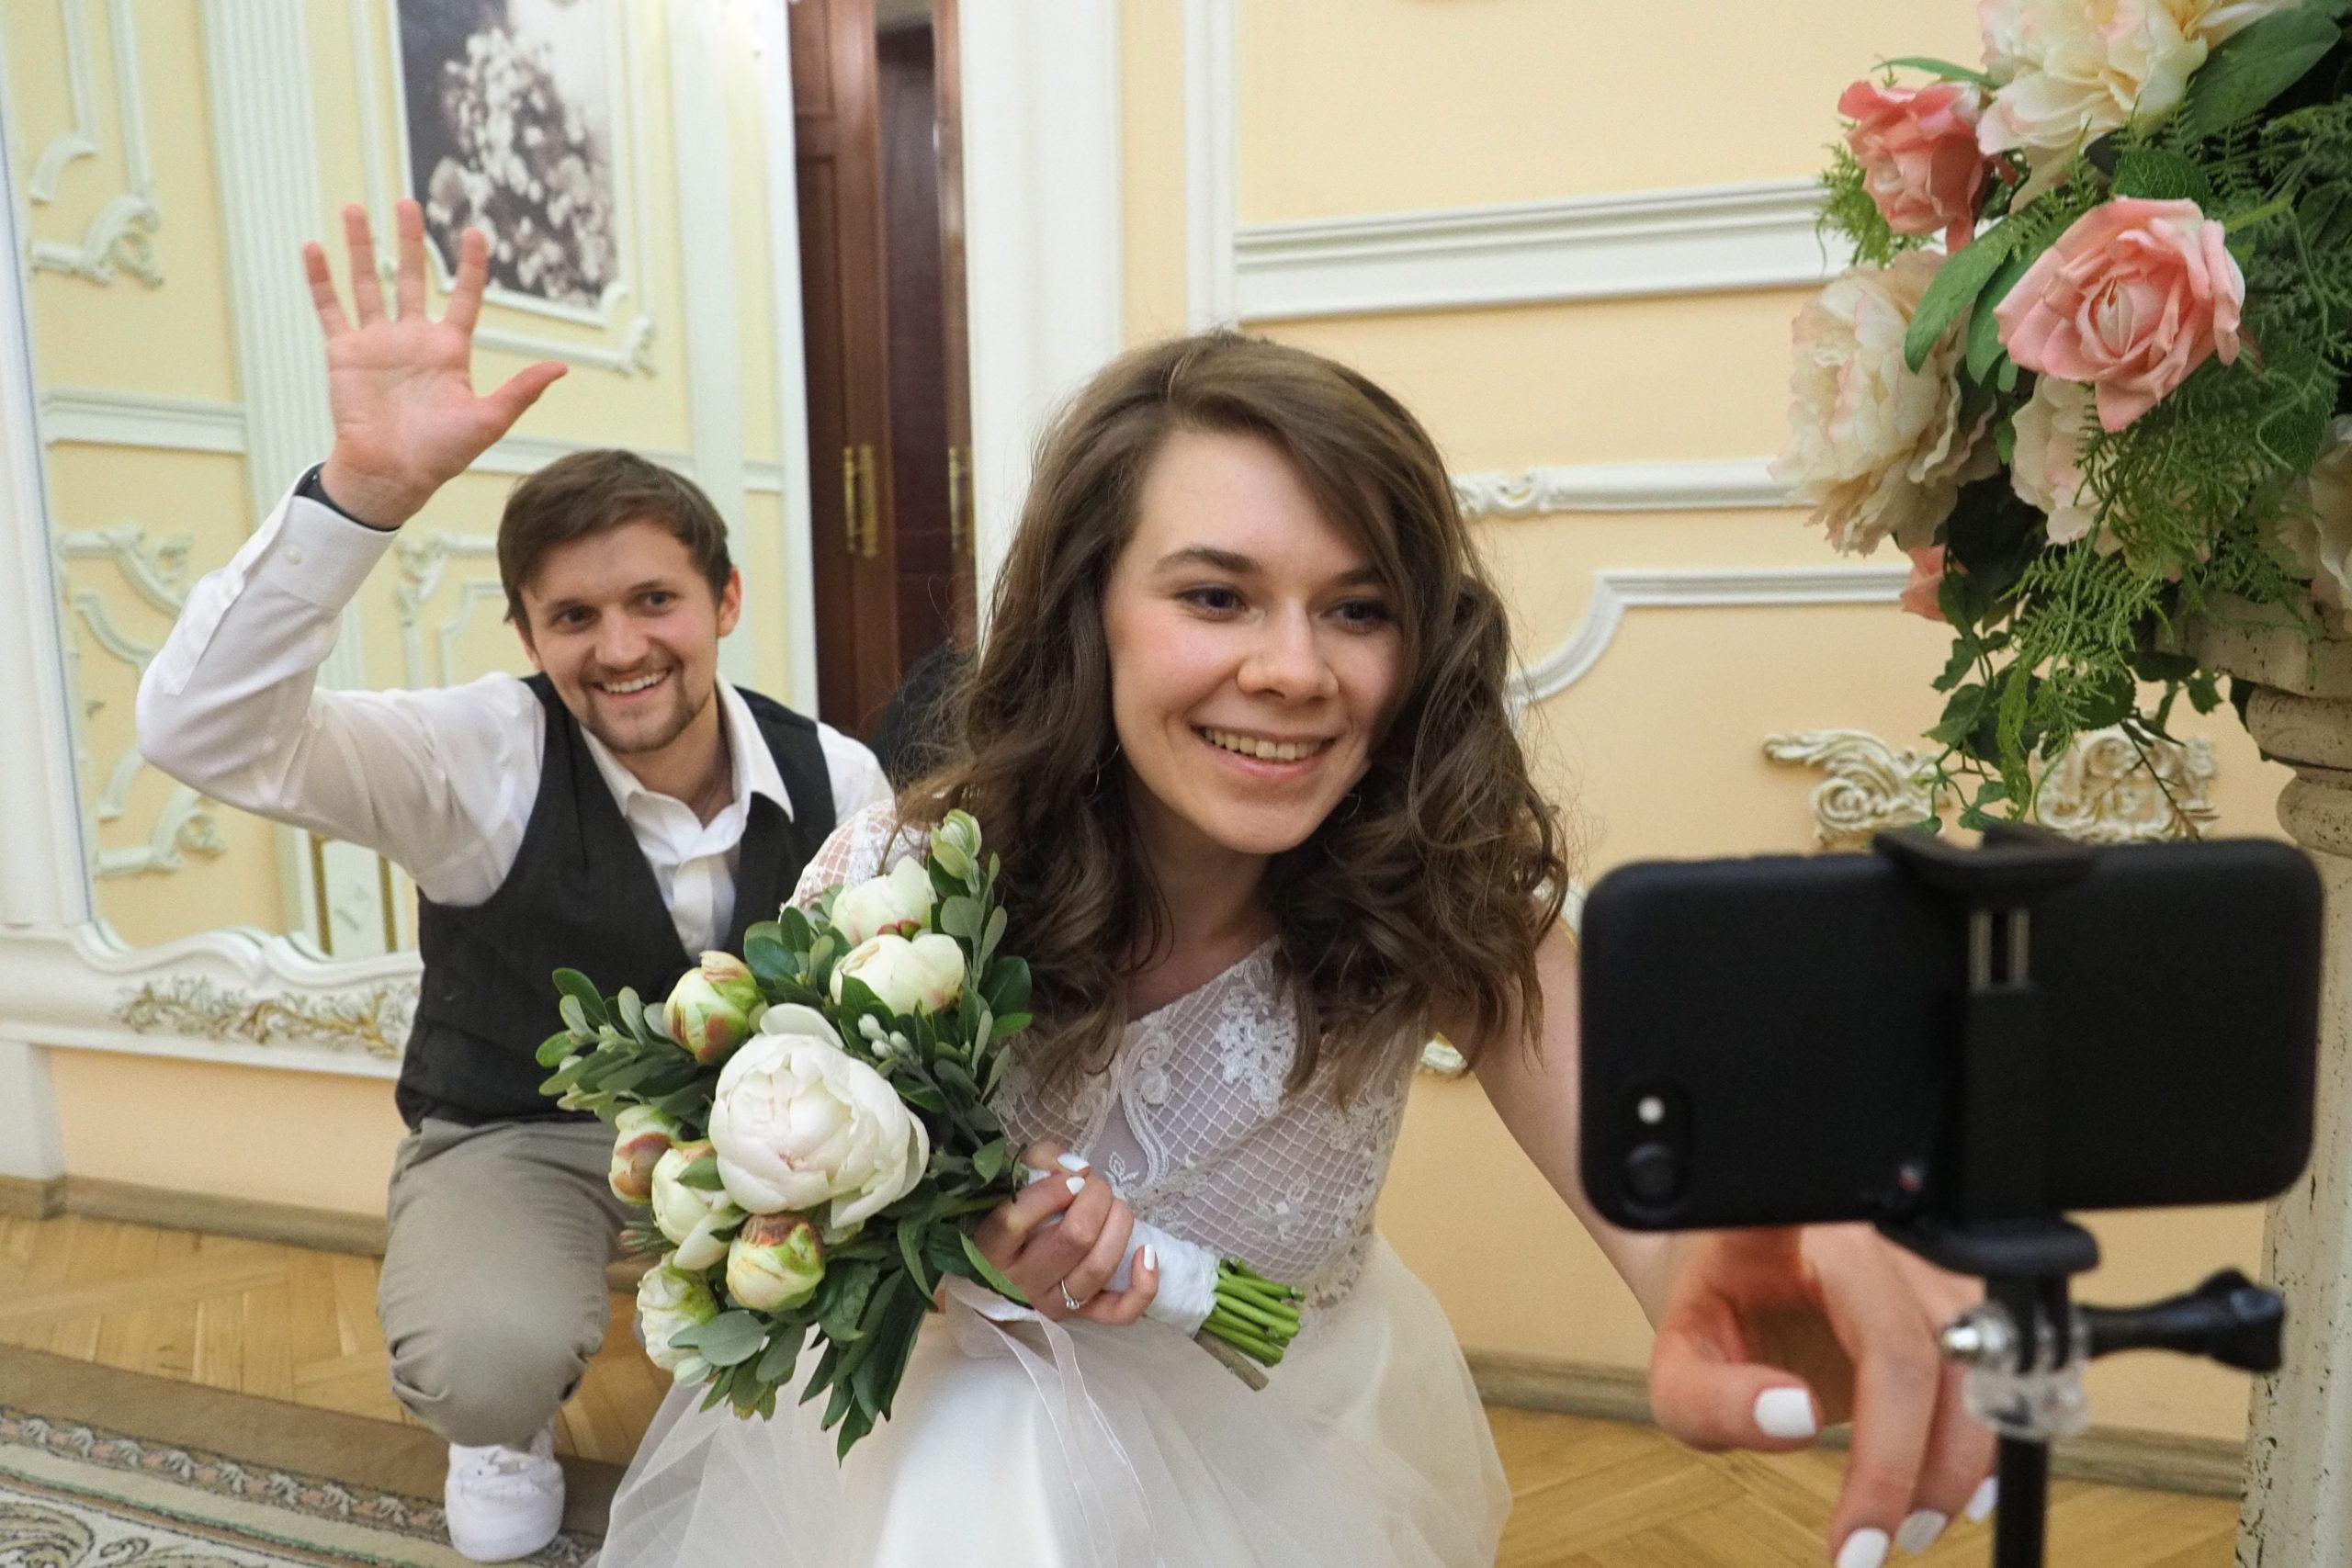 Столичные ЗАГСы привели статистику бракосочетаний в новогодние праздники. Фото: Павел Волков, «Вечерняя Москва»